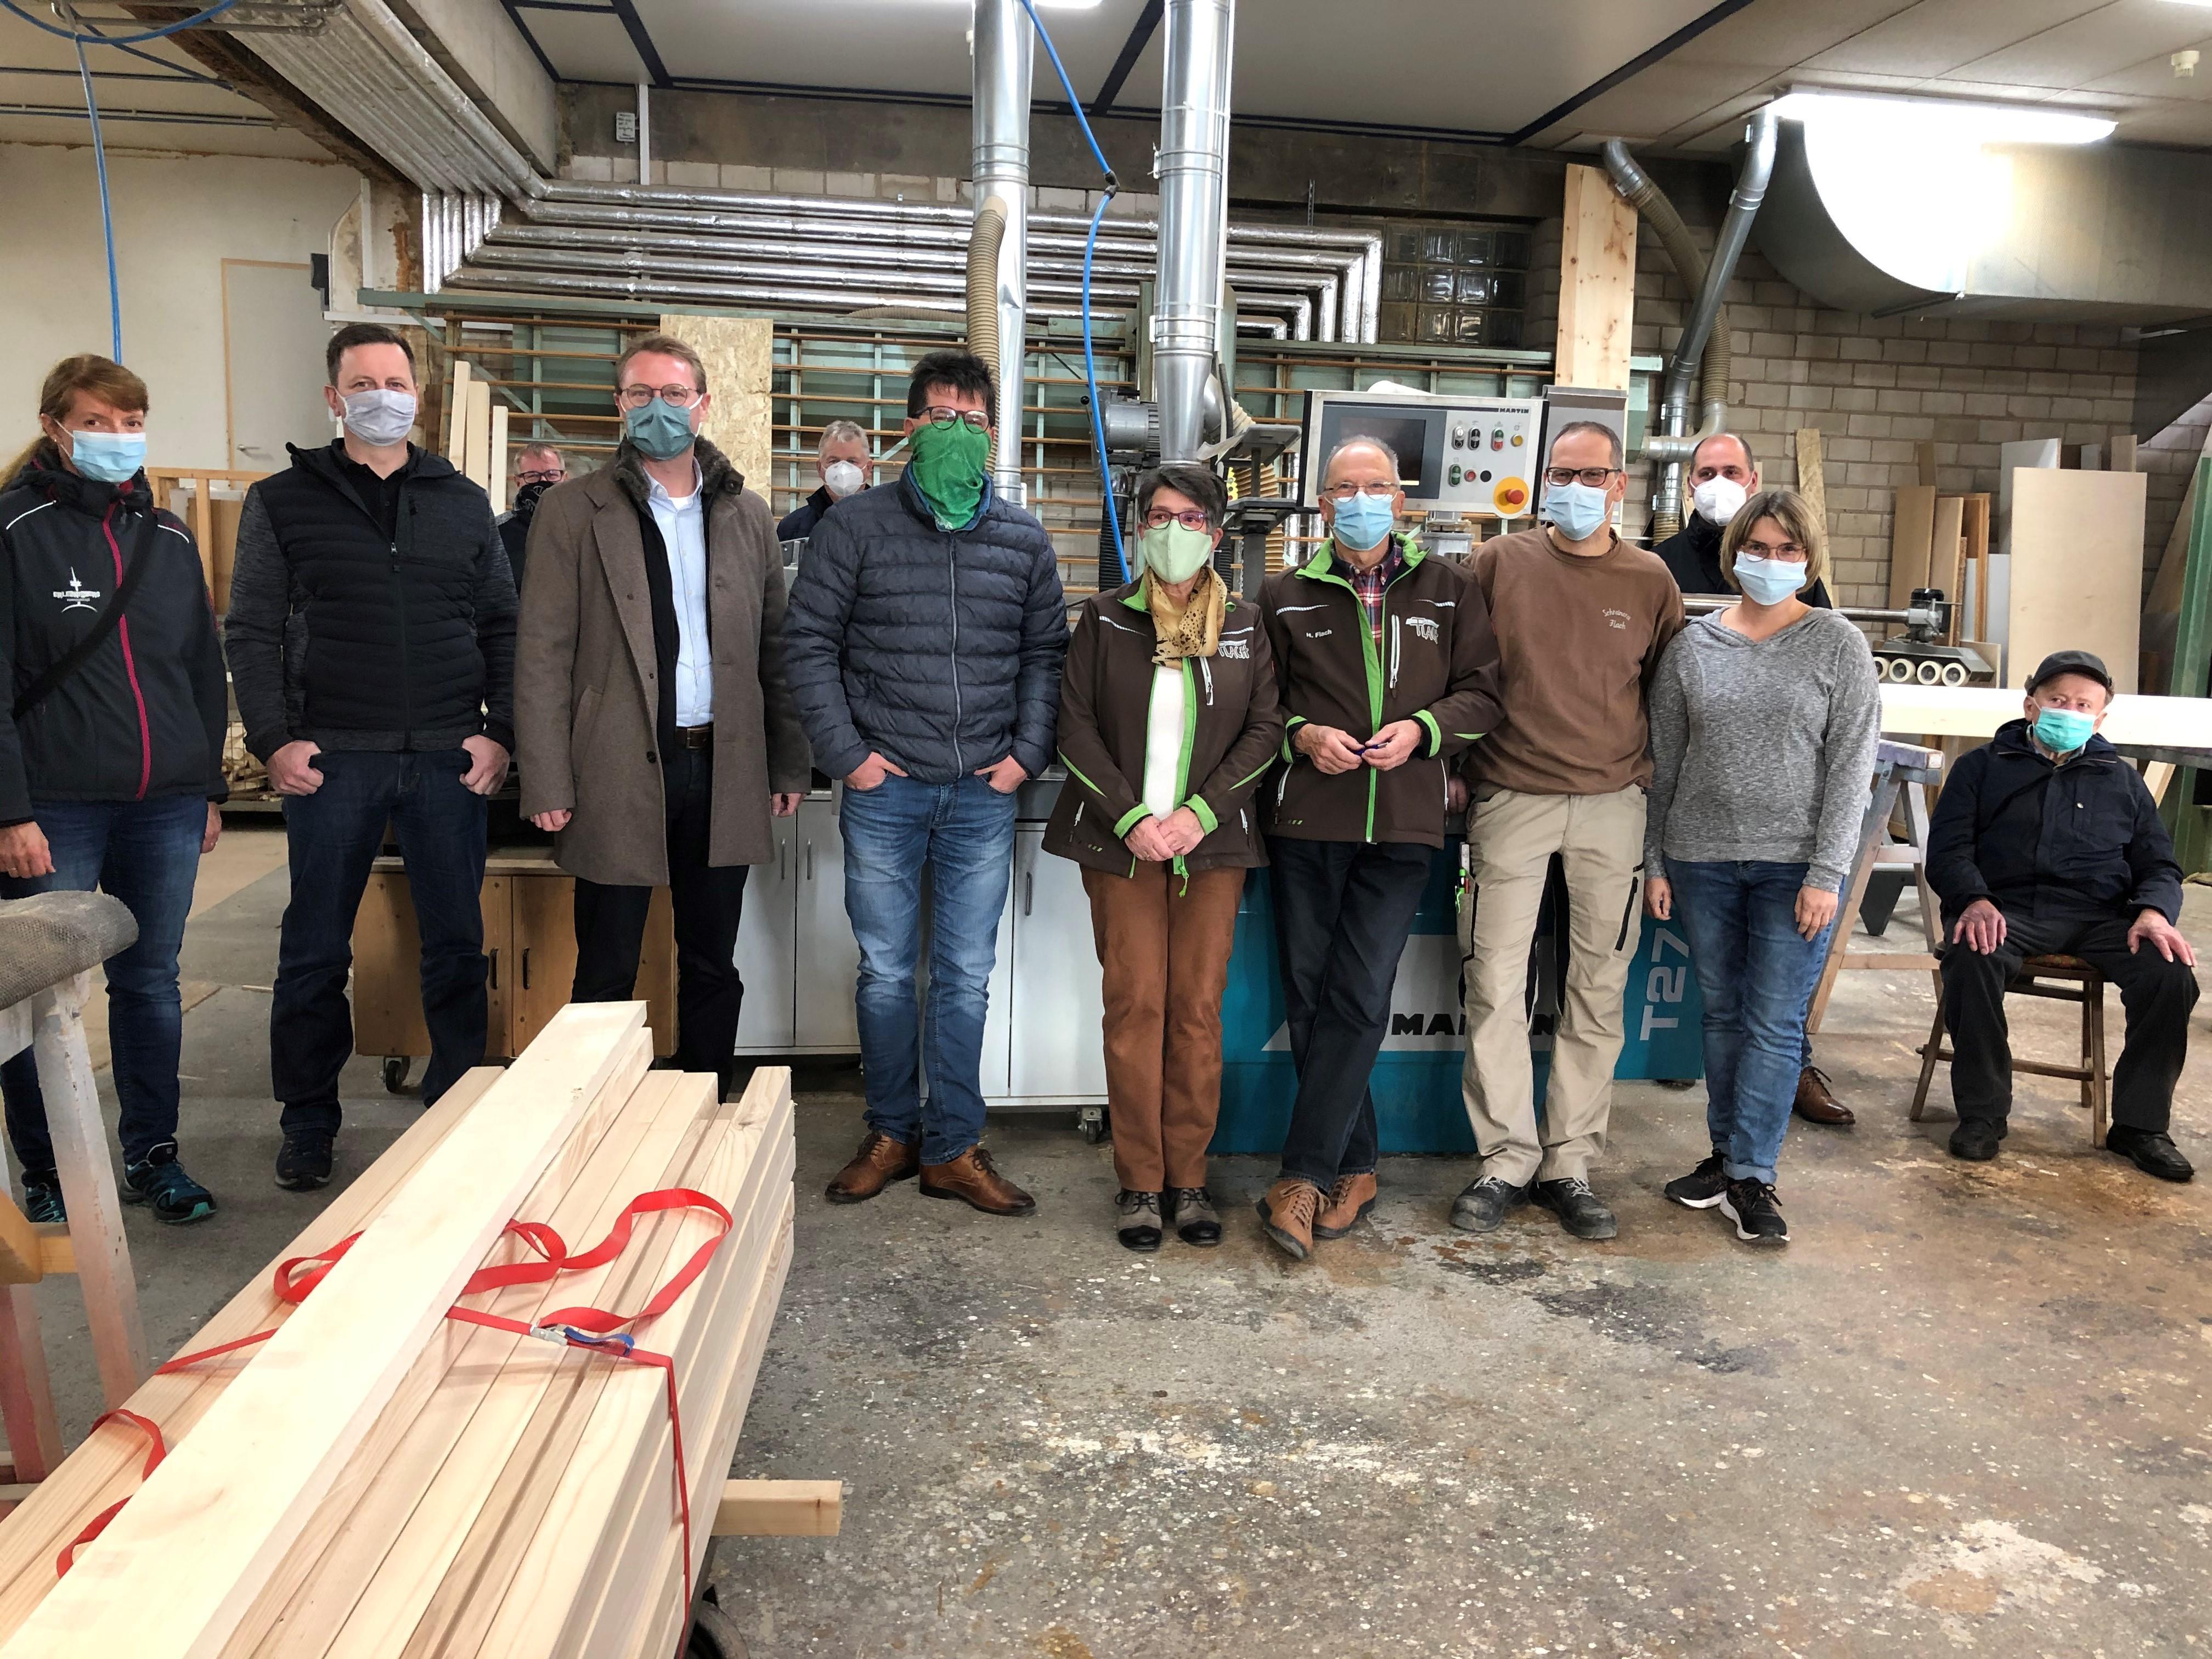 Trafen sich bereits im Oktober in Crainfeld: Dr. Jens Mischak, Dritter von links, Familien Flach, fünfte von links und weiter.